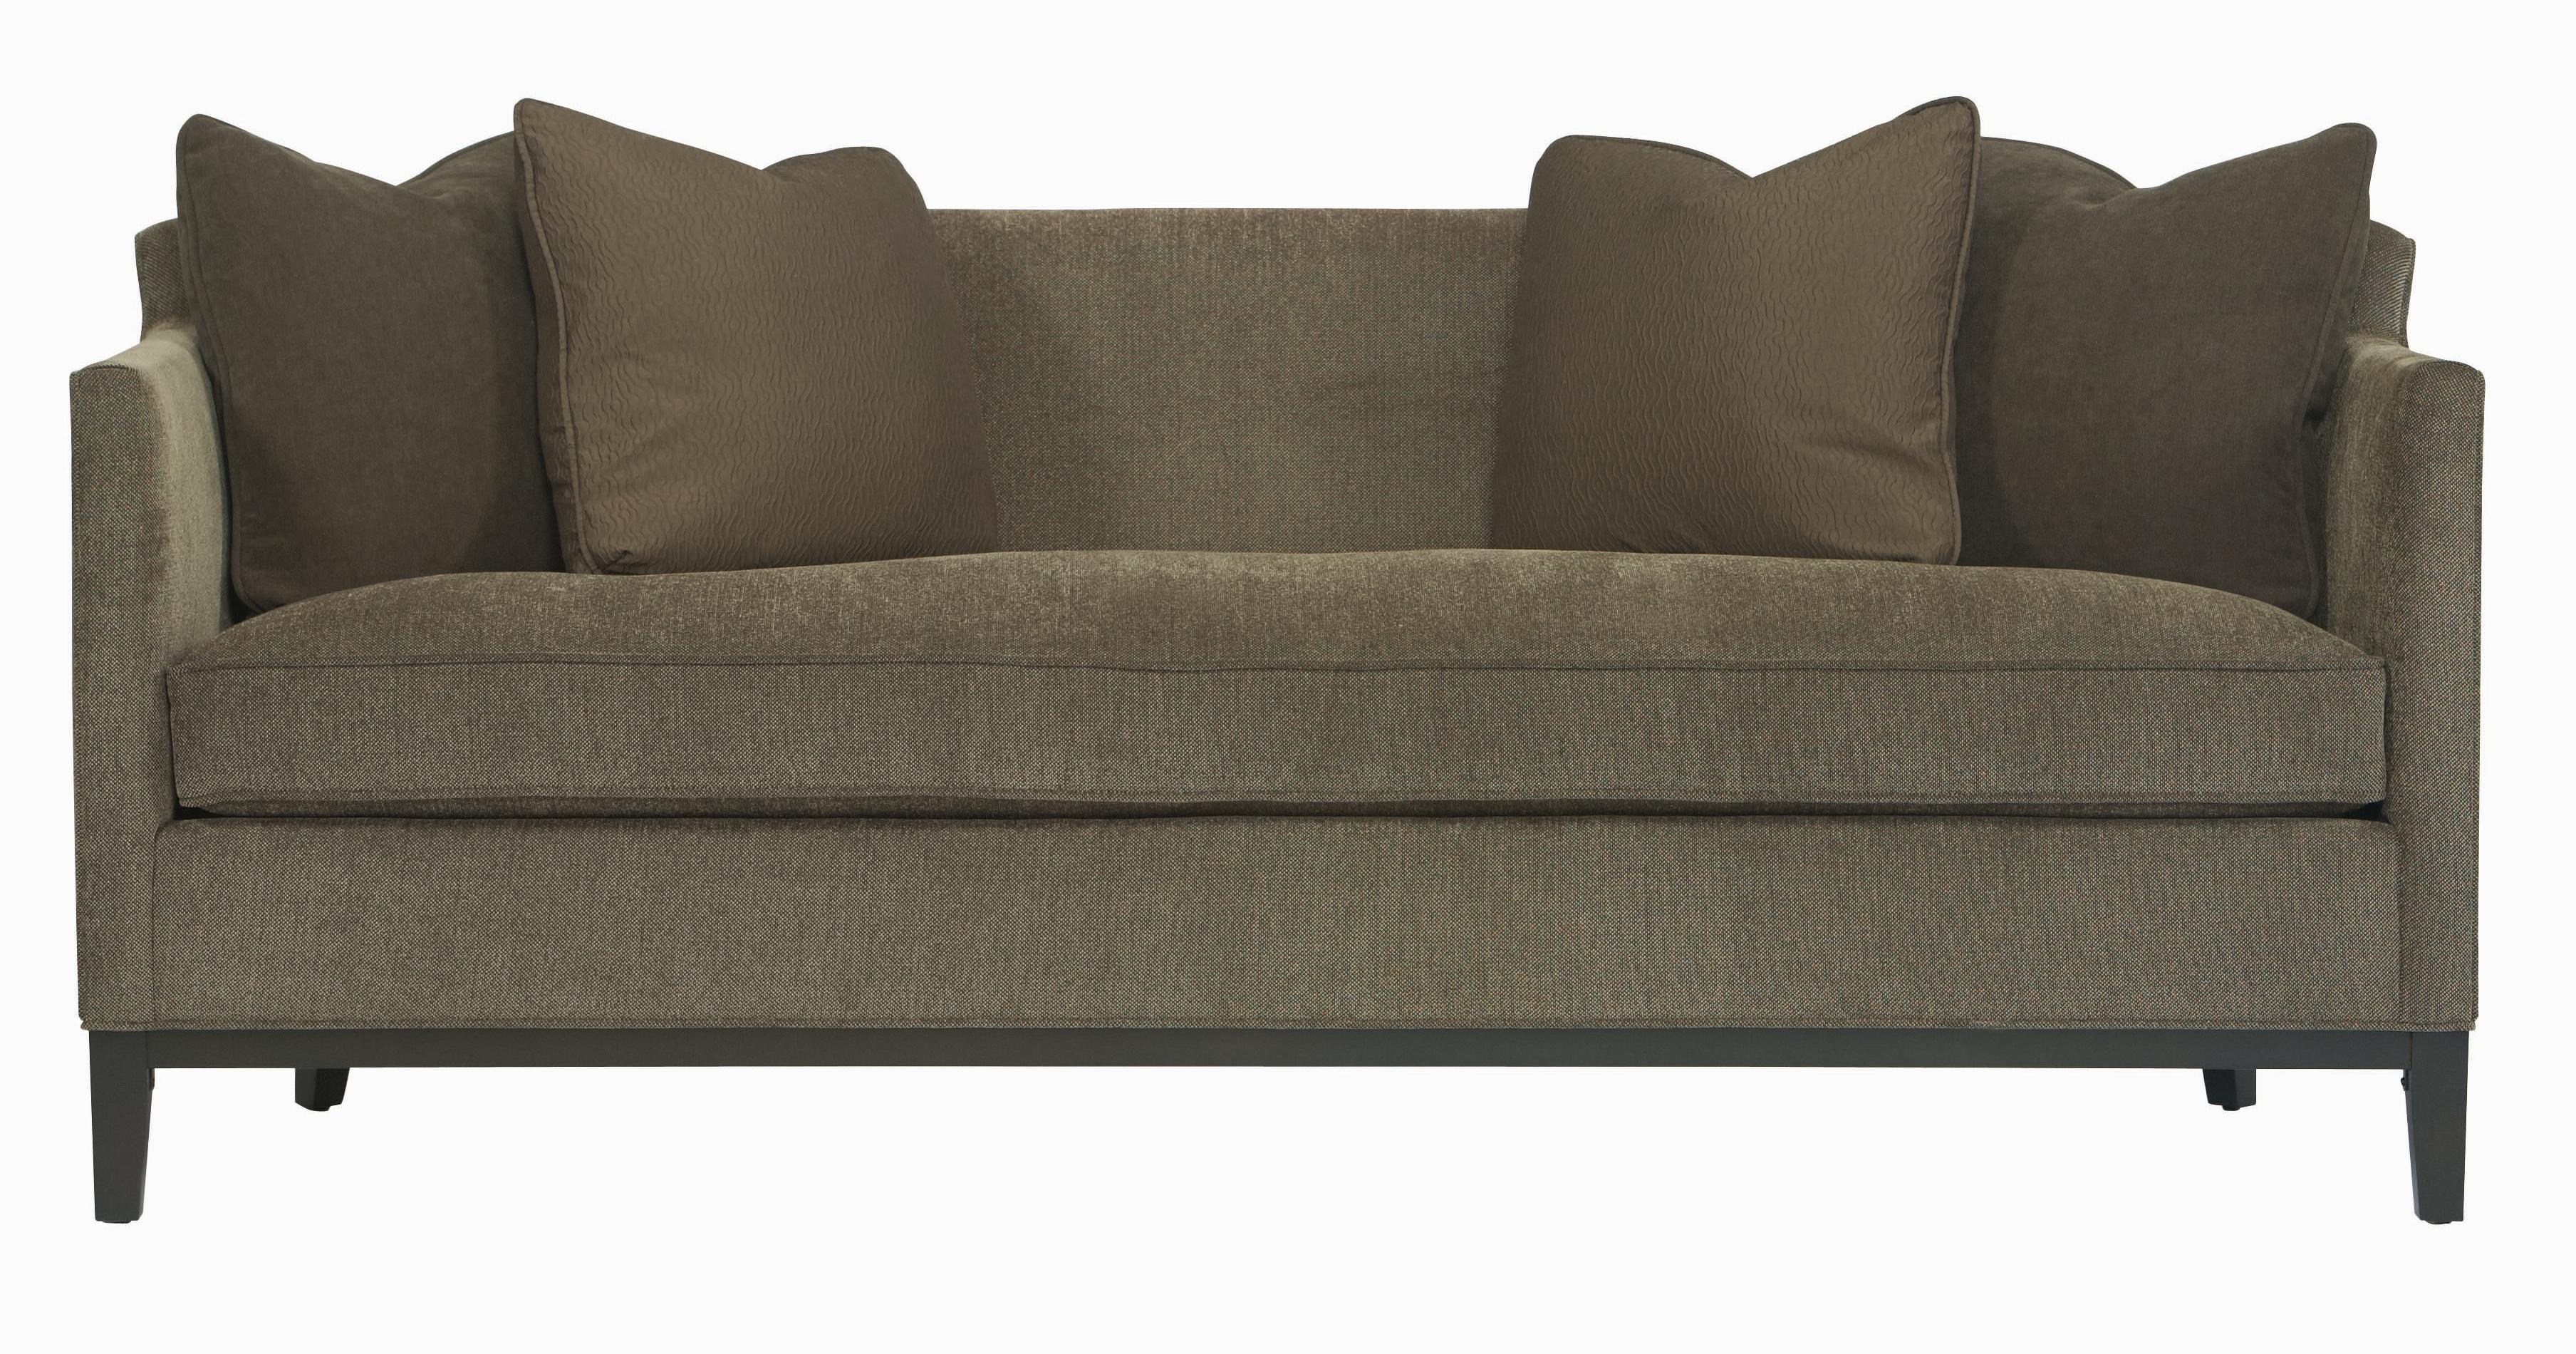 Bernhardt Interiors - Sofas Ellis Sofa - Item Number: N1767